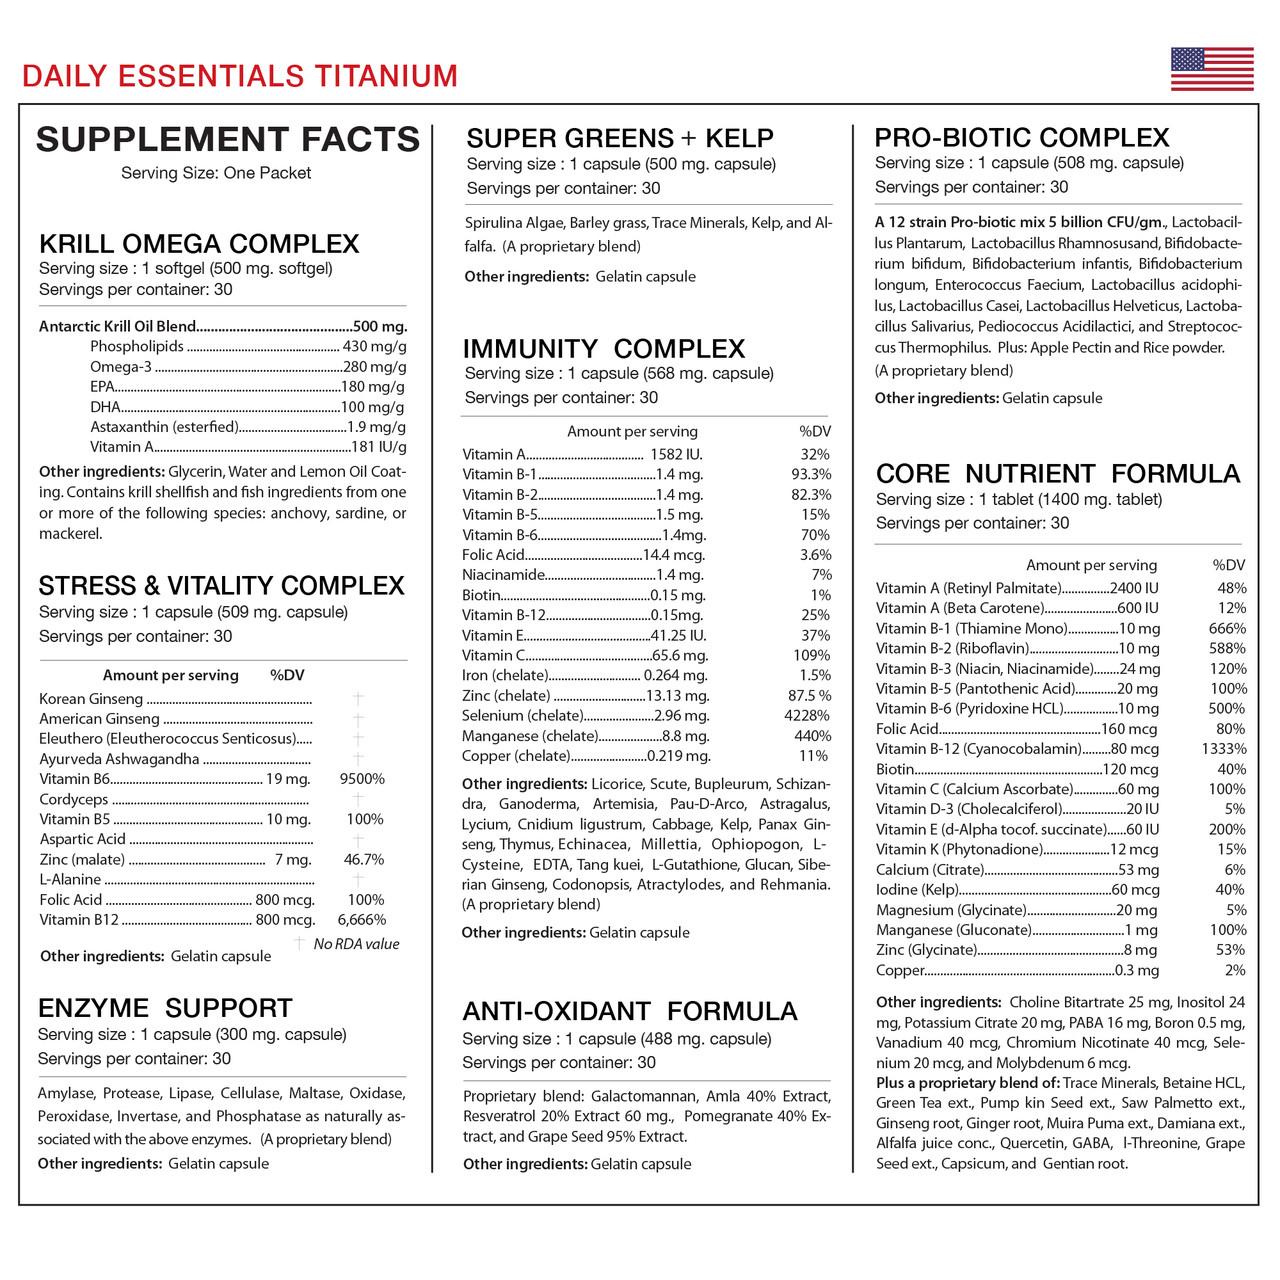 Daily Essentials Titanium Supplement Facts